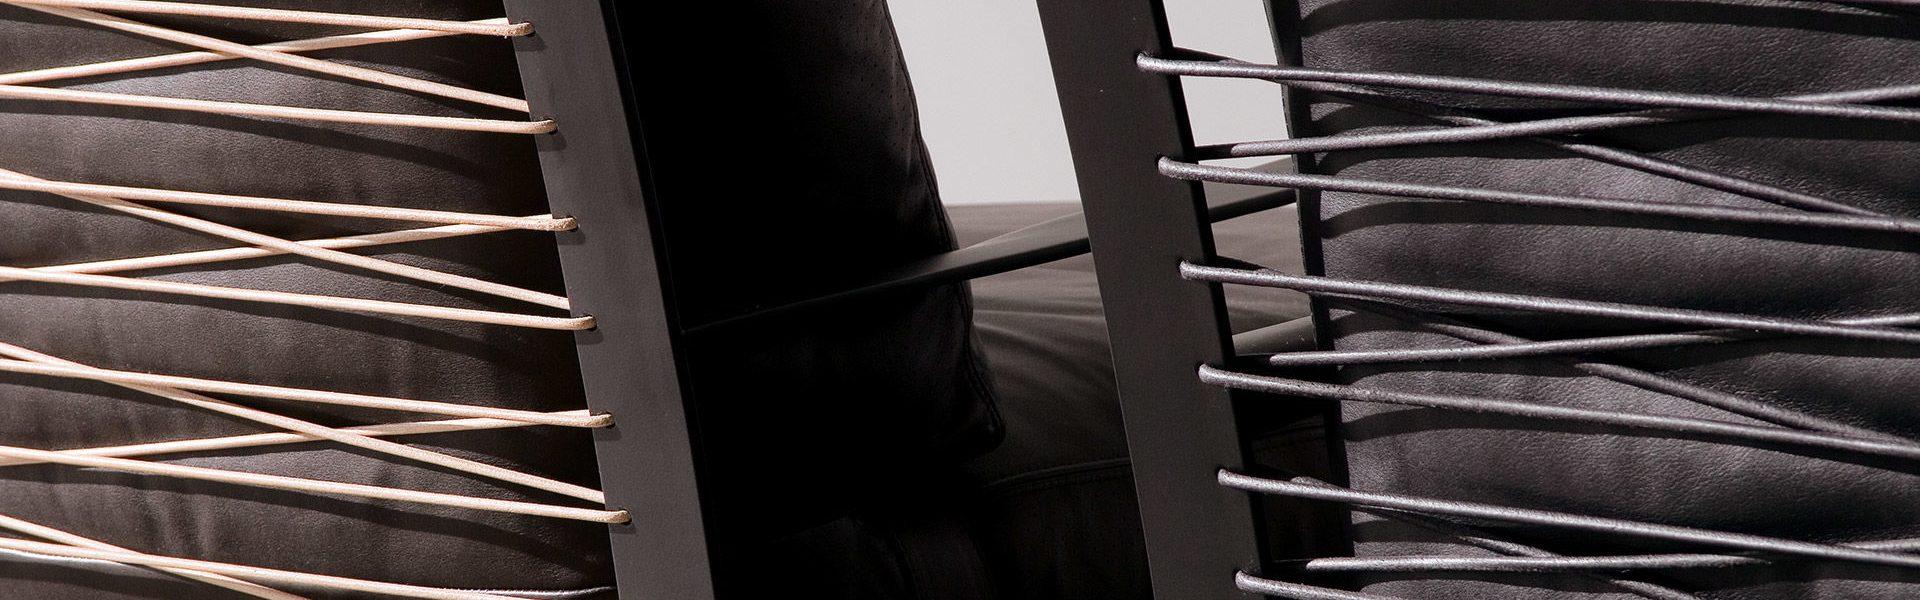 Richards Armchair